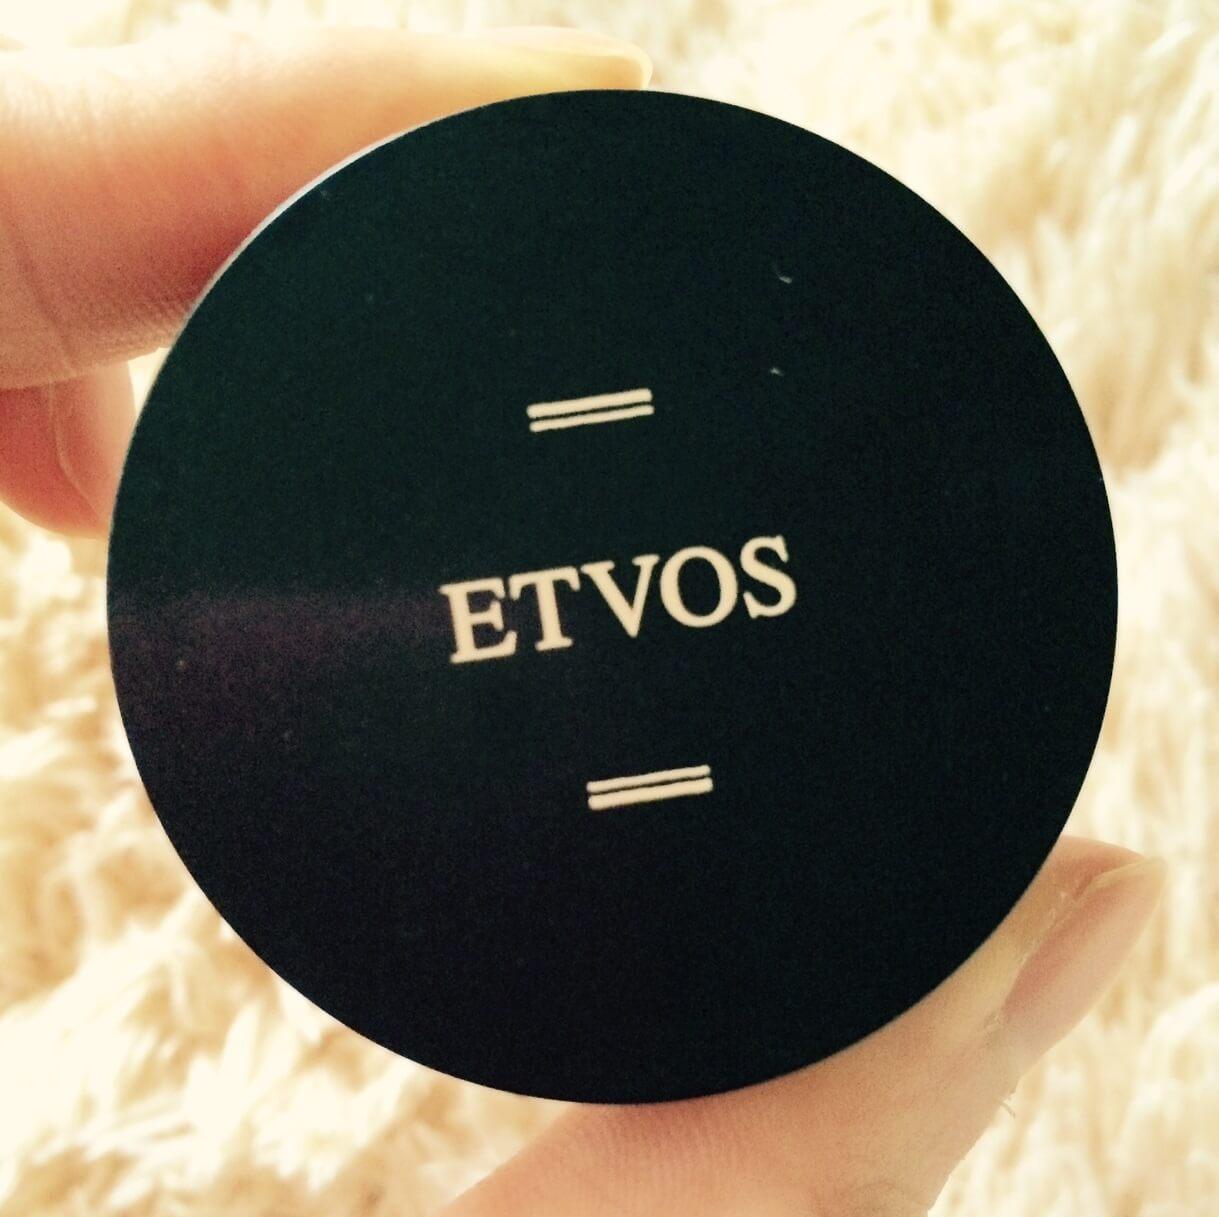 ETVOS(エトヴォス) ミネラルファンデーション スターターキットの画像